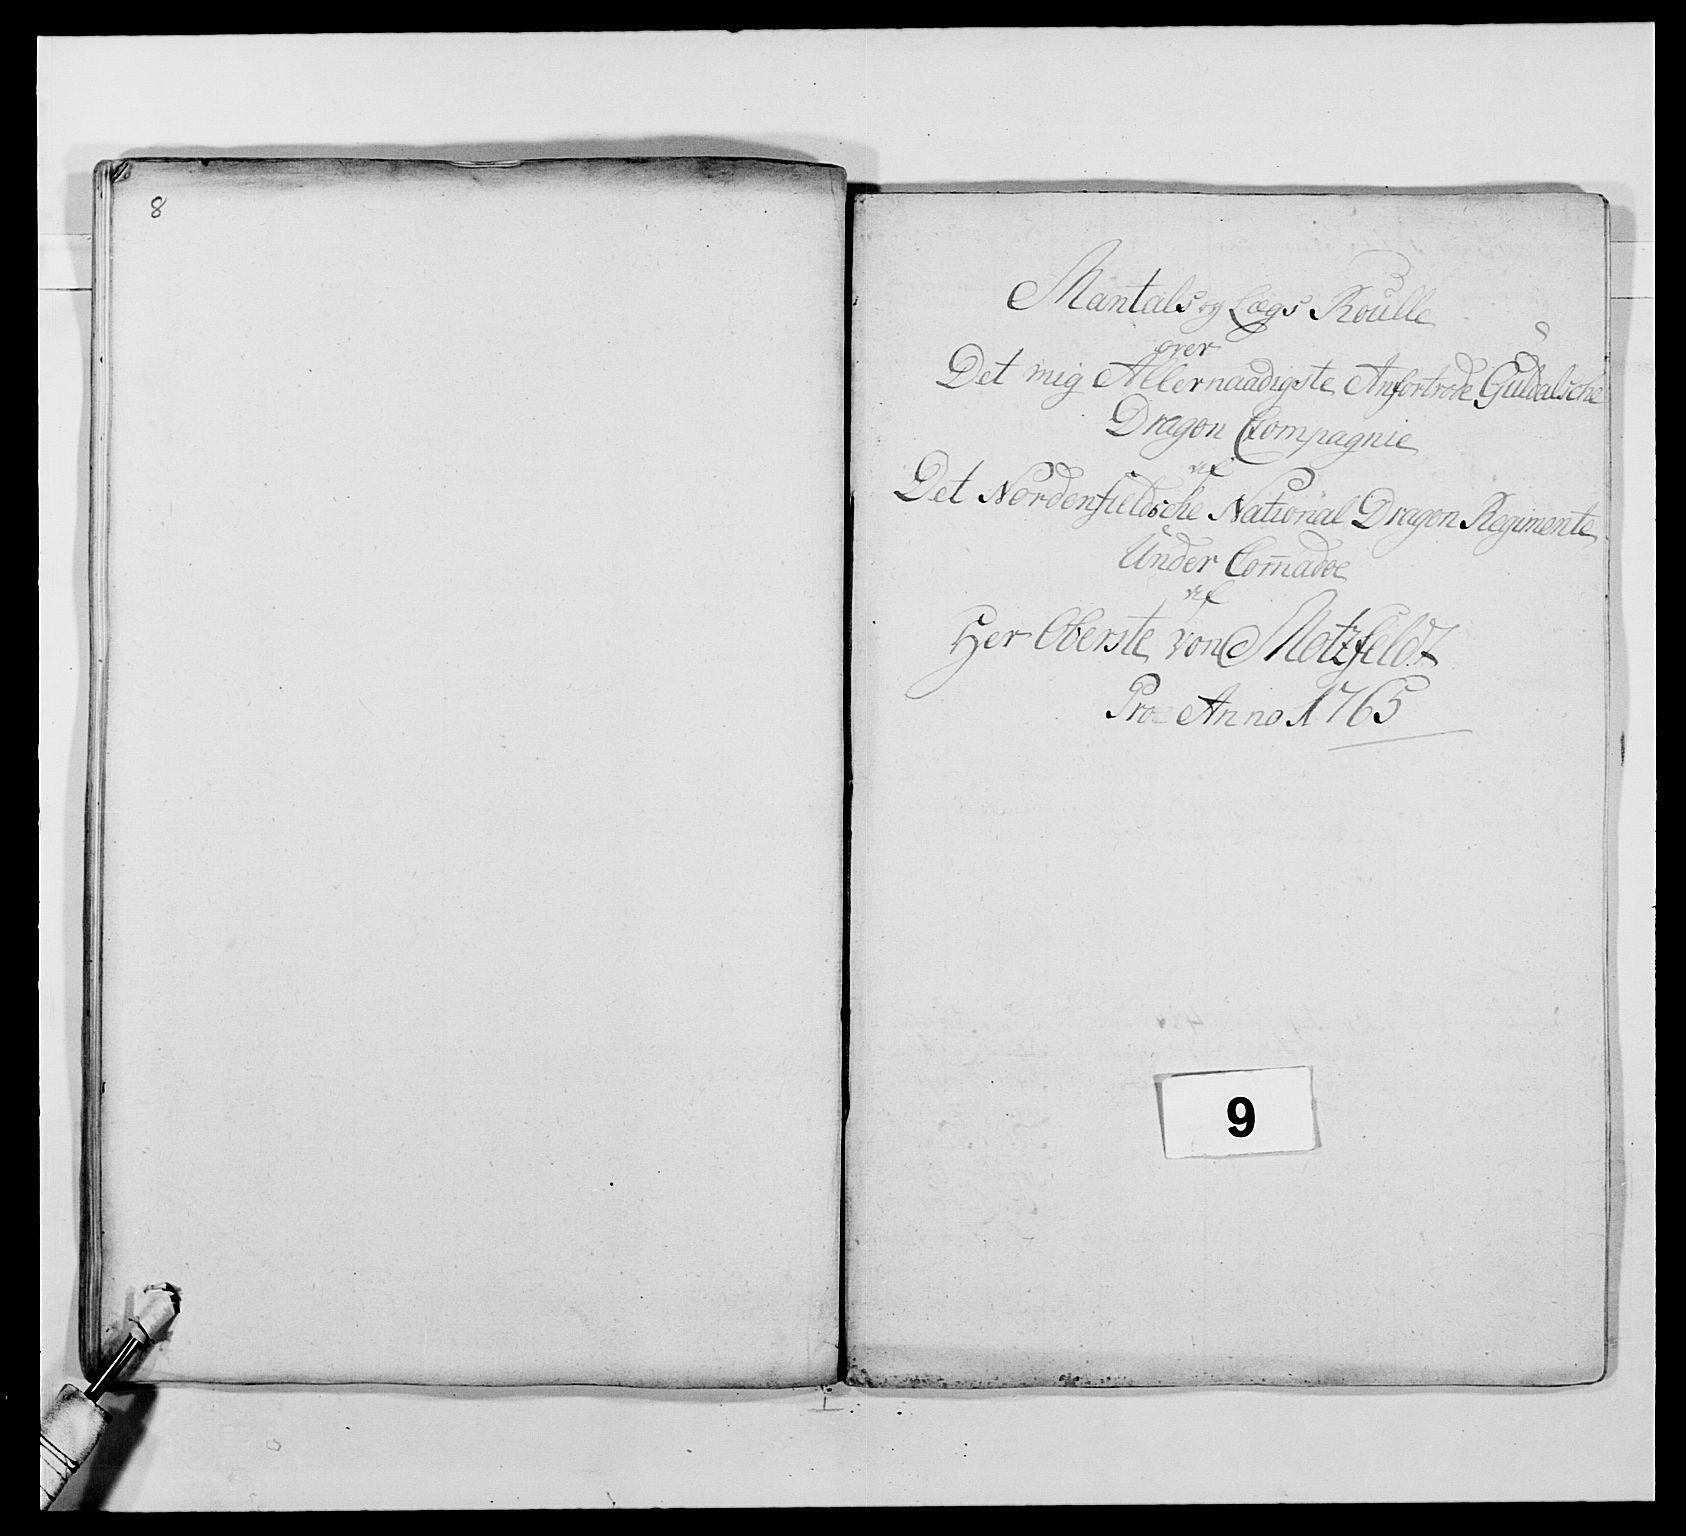 RA, Kommanderende general (KG I) med Det norske krigsdirektorium, E/Ea/L0483: Nordafjelske dragonregiment, 1765-1767, s. 194